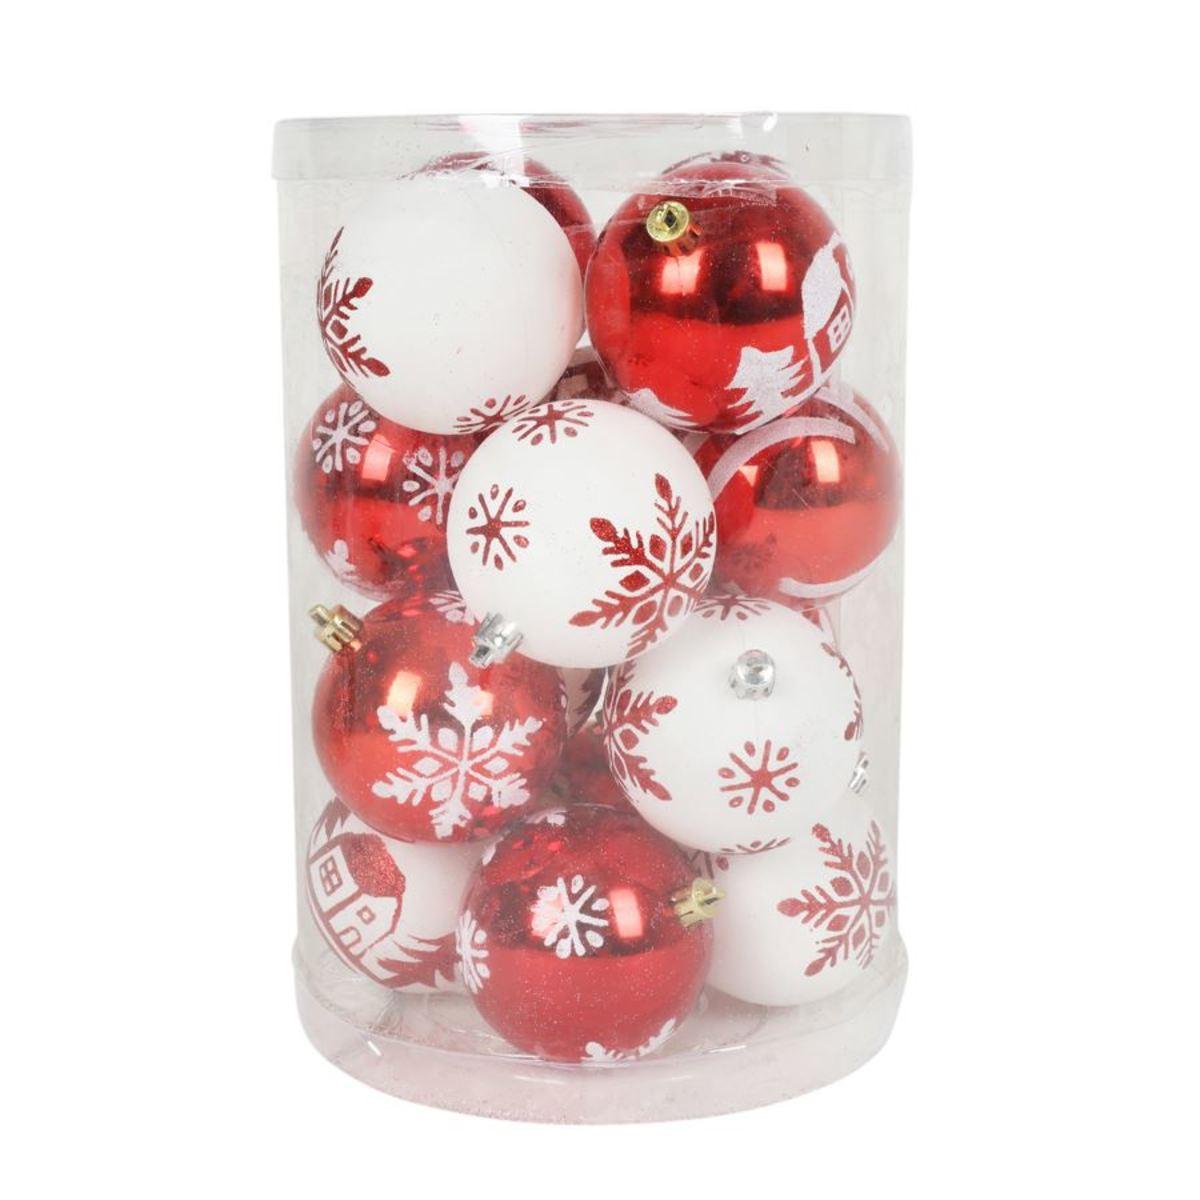 Bild 2 von Weihnachtsbaumkugeln DIA 8cm 16er-Set Rot/Weiß